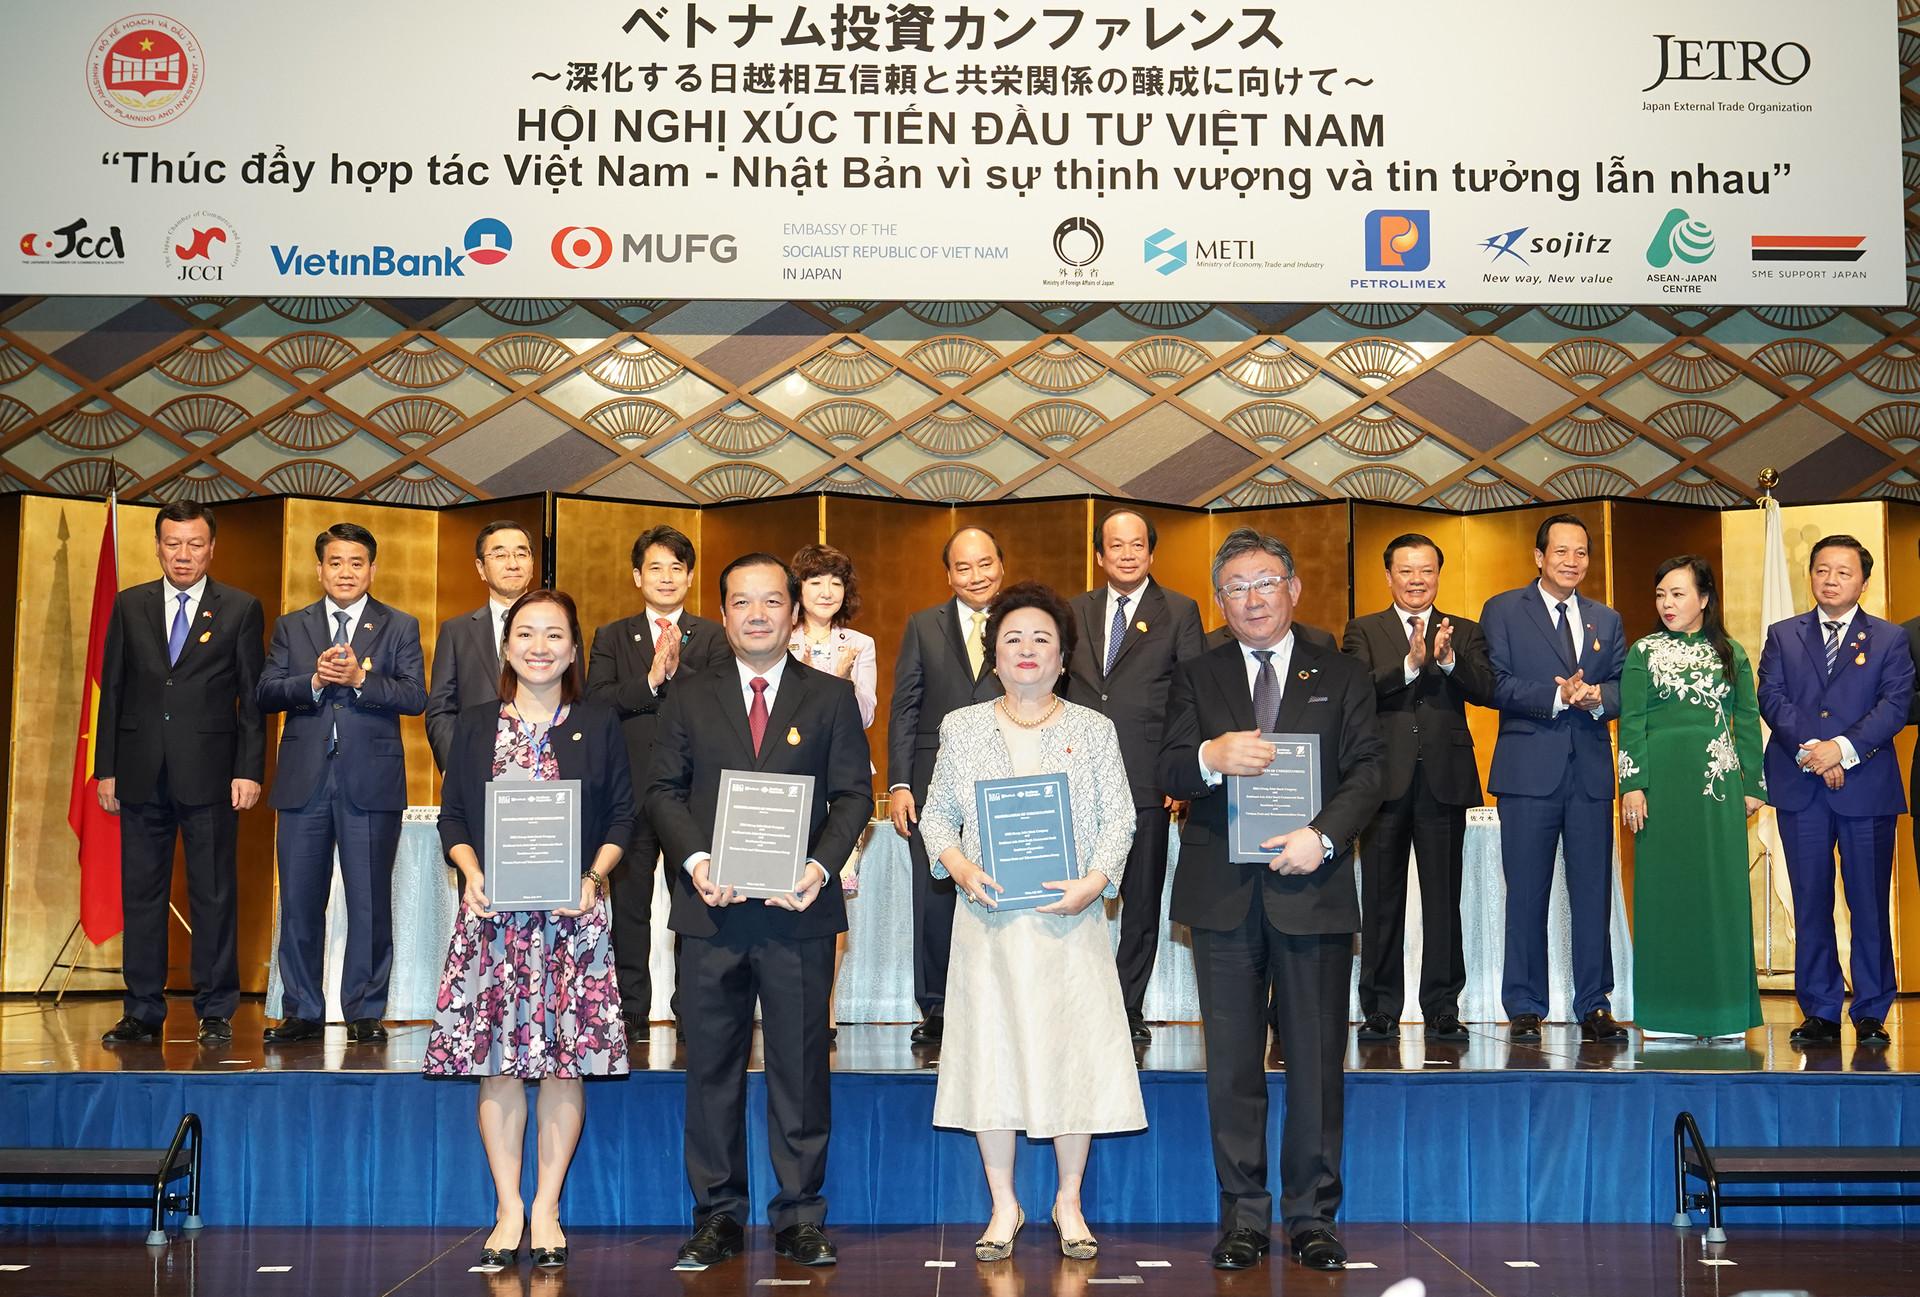 Tập đoàn BRG, Tập đoàn VNPT, Tập đoàn Sumitomo và Ngân hàng SeABank trao Thỏa thuận hợp tác trong lĩnh vực Fintech, phát triển Thành phố thông minh và các dự án khác